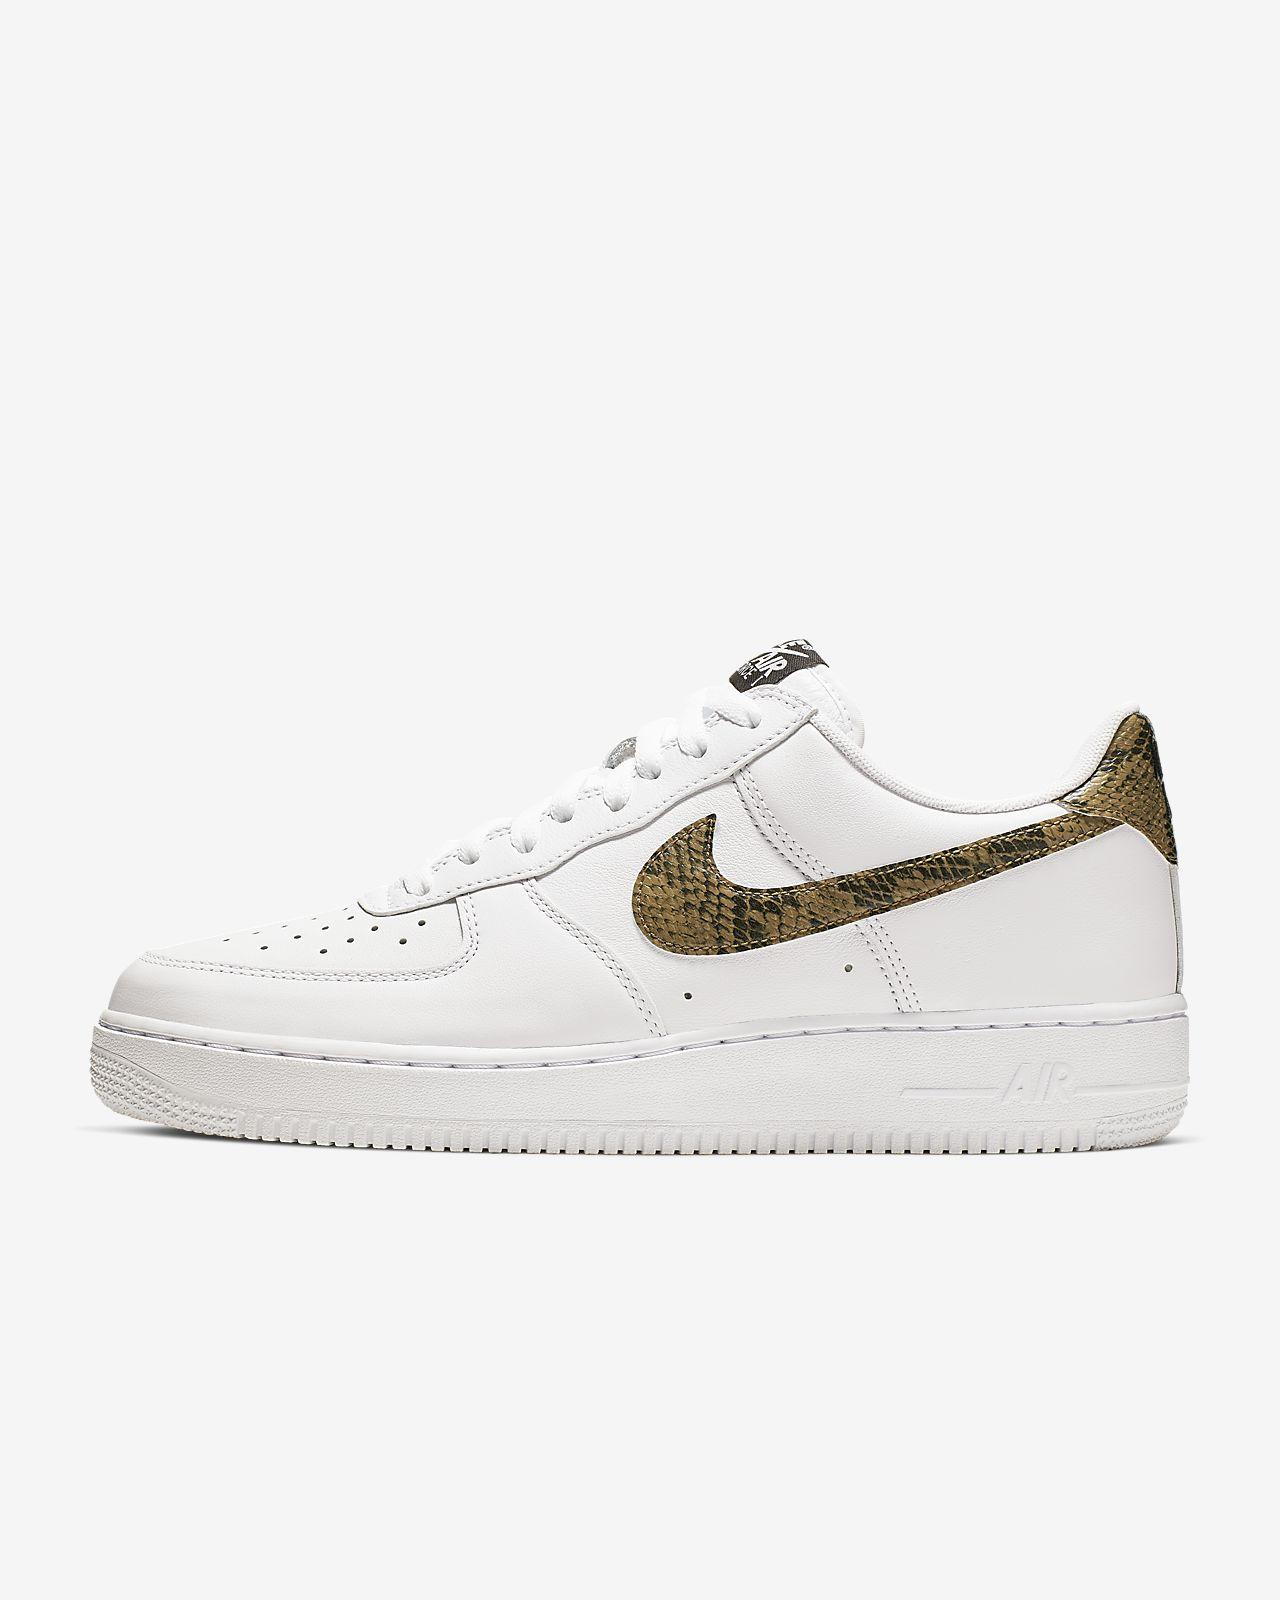 Nike Air Force 1 Low Retro Premium 男鞋